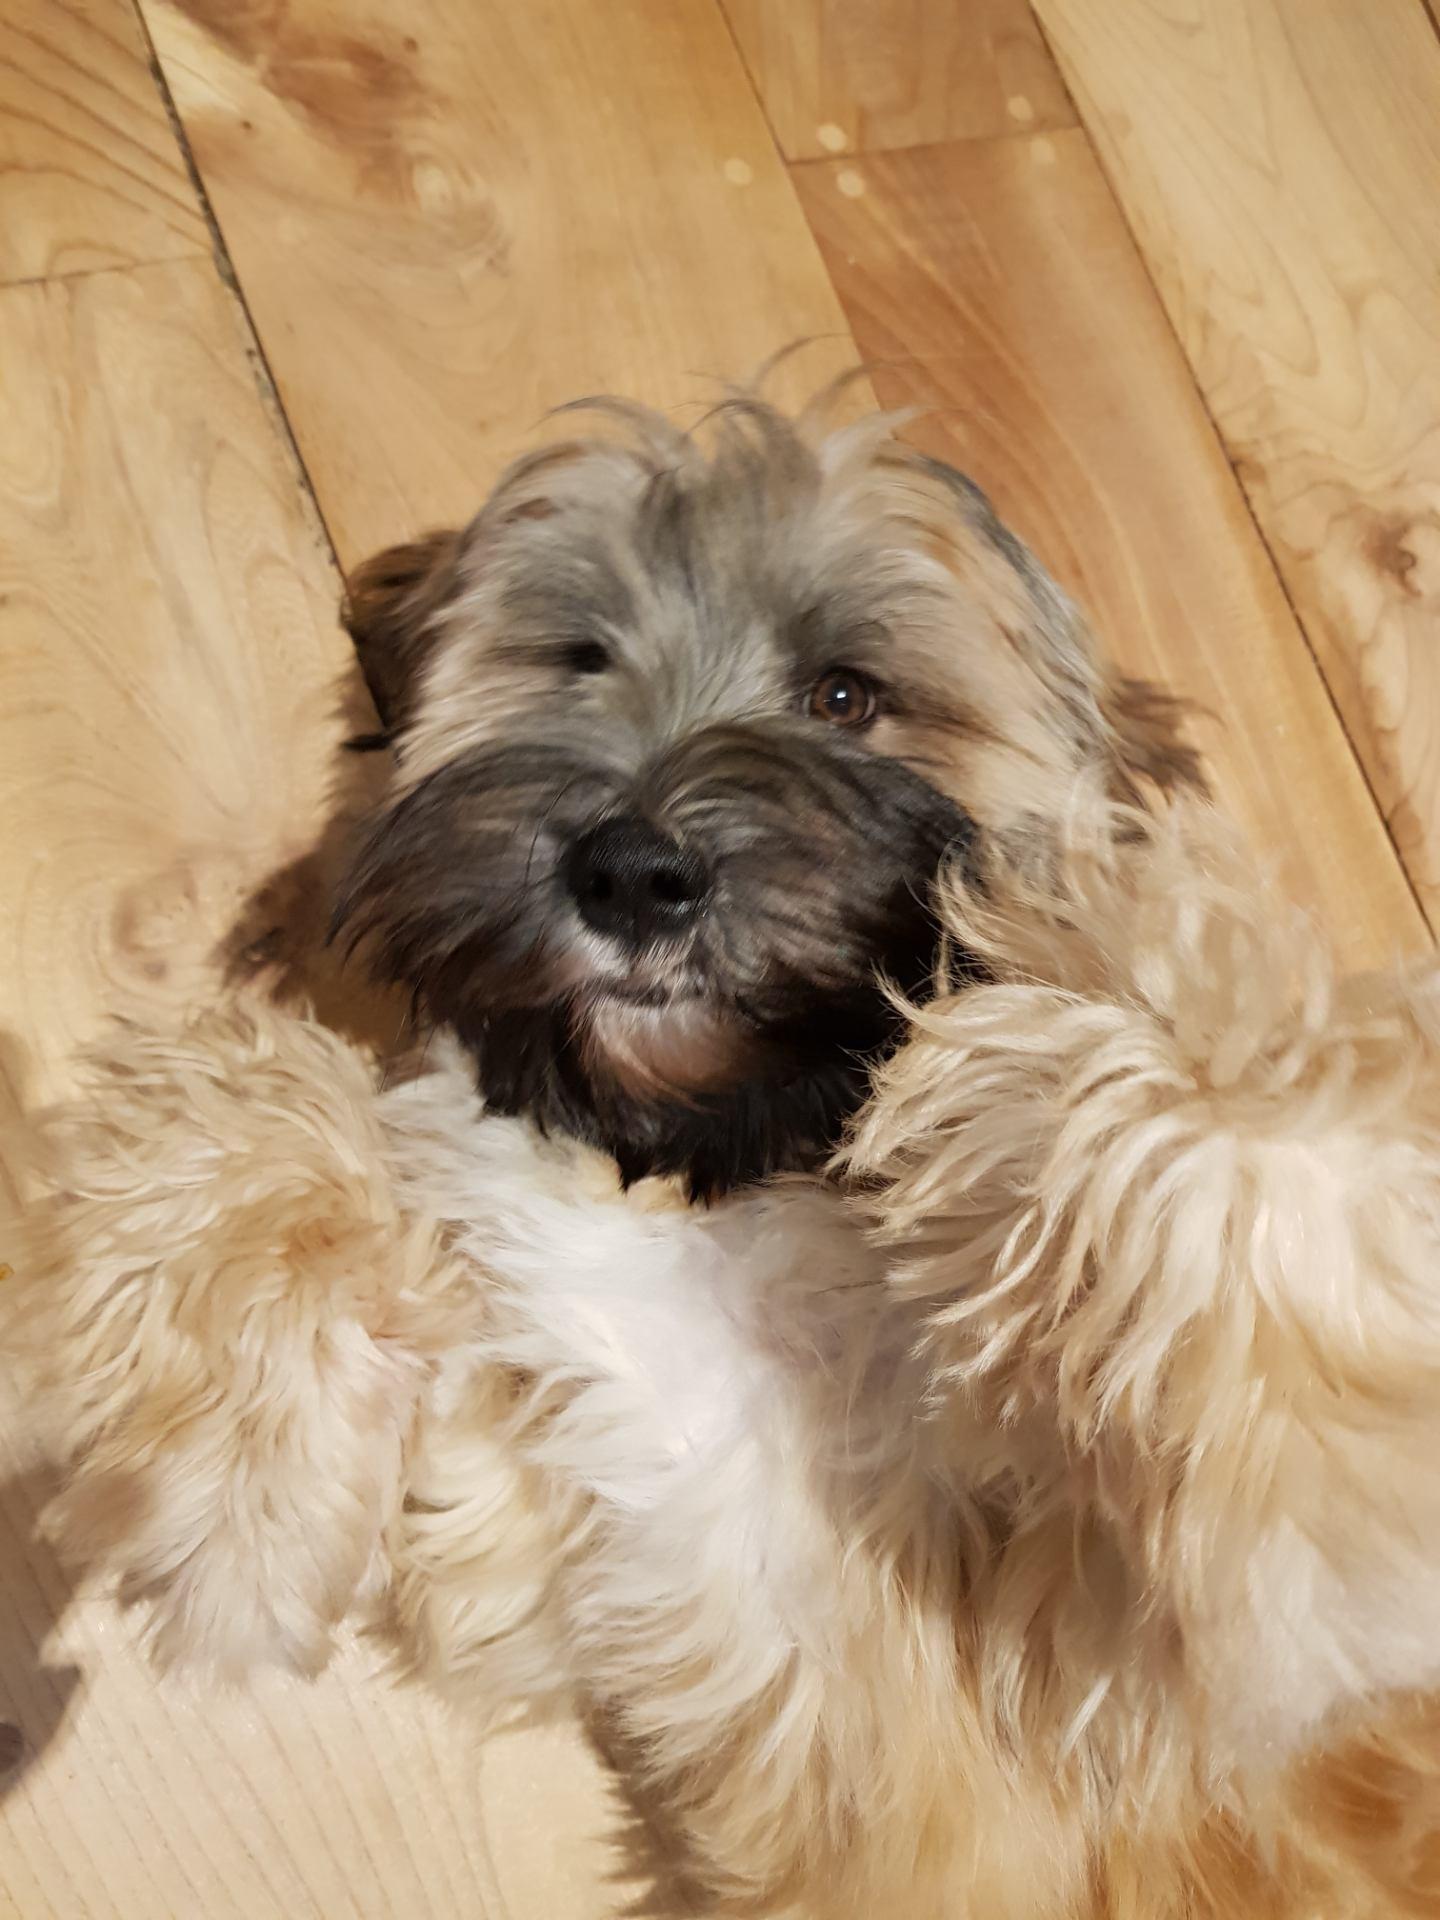 Digby the Tibetan Terrier